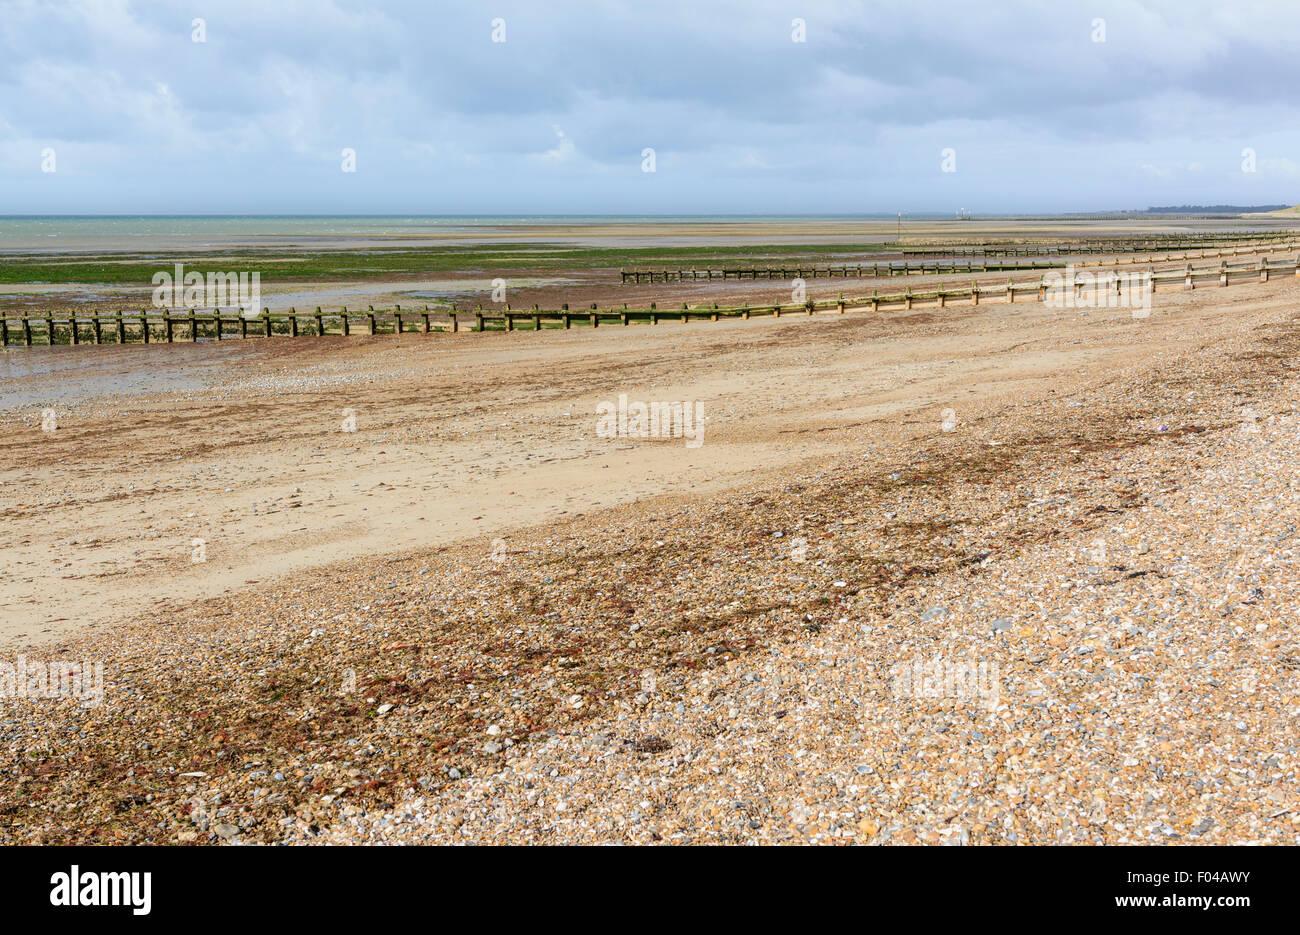 Plage de galets désertes à marée basse. Photo Stock